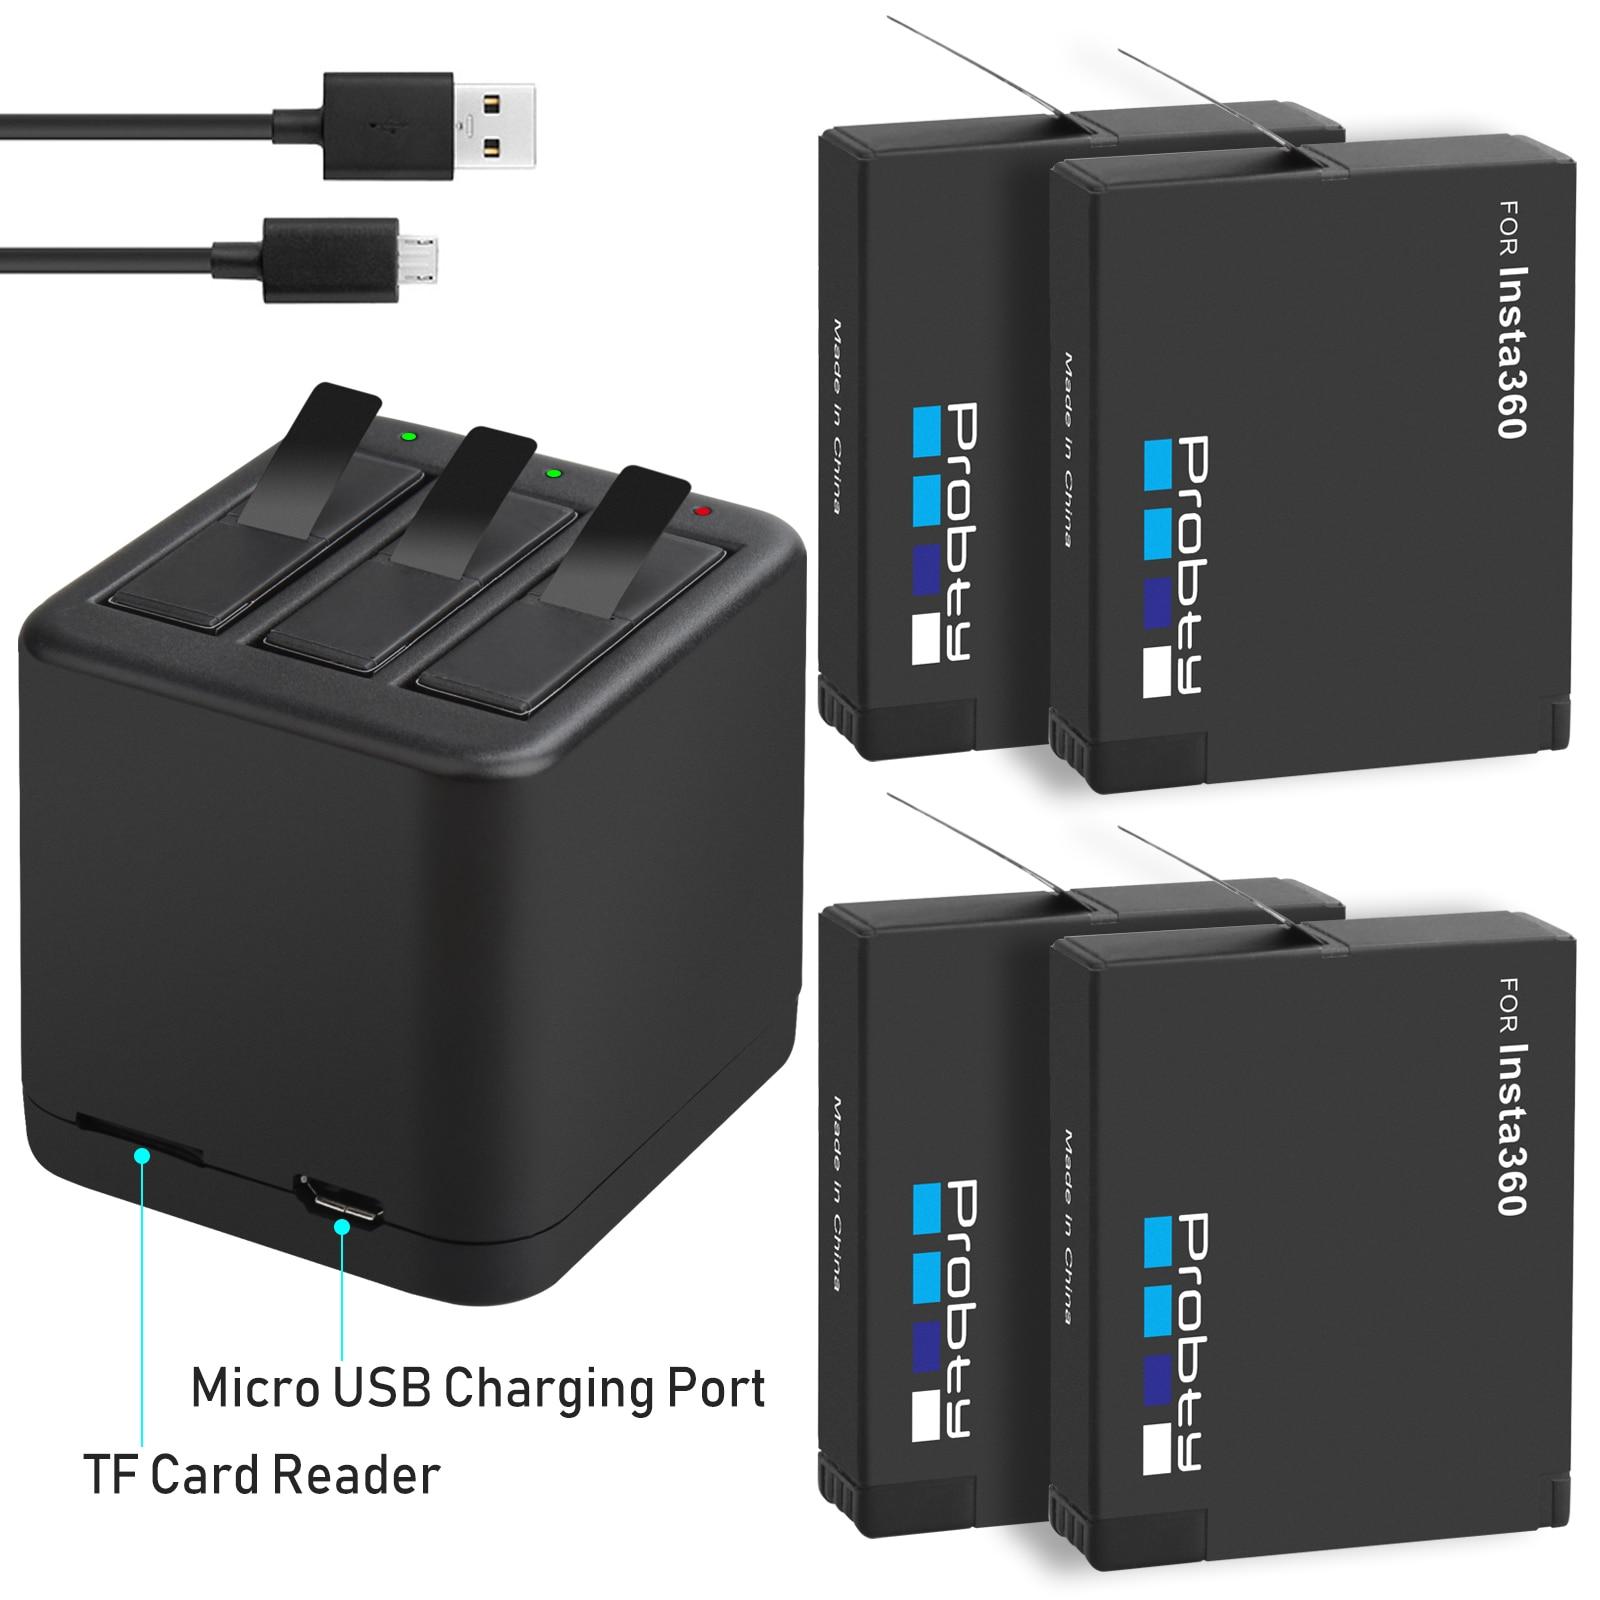 1400mAh Insta360 una X batería y cargador de batería Micro USB soporte de lectura y escritura tarjeta TF al mismo tiempo